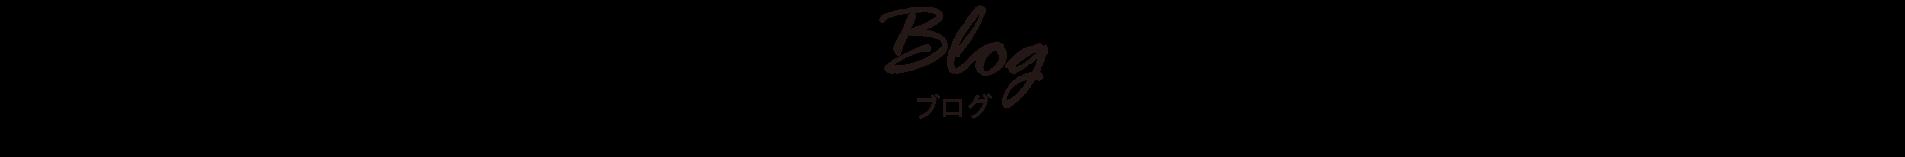 お役立ちブログ